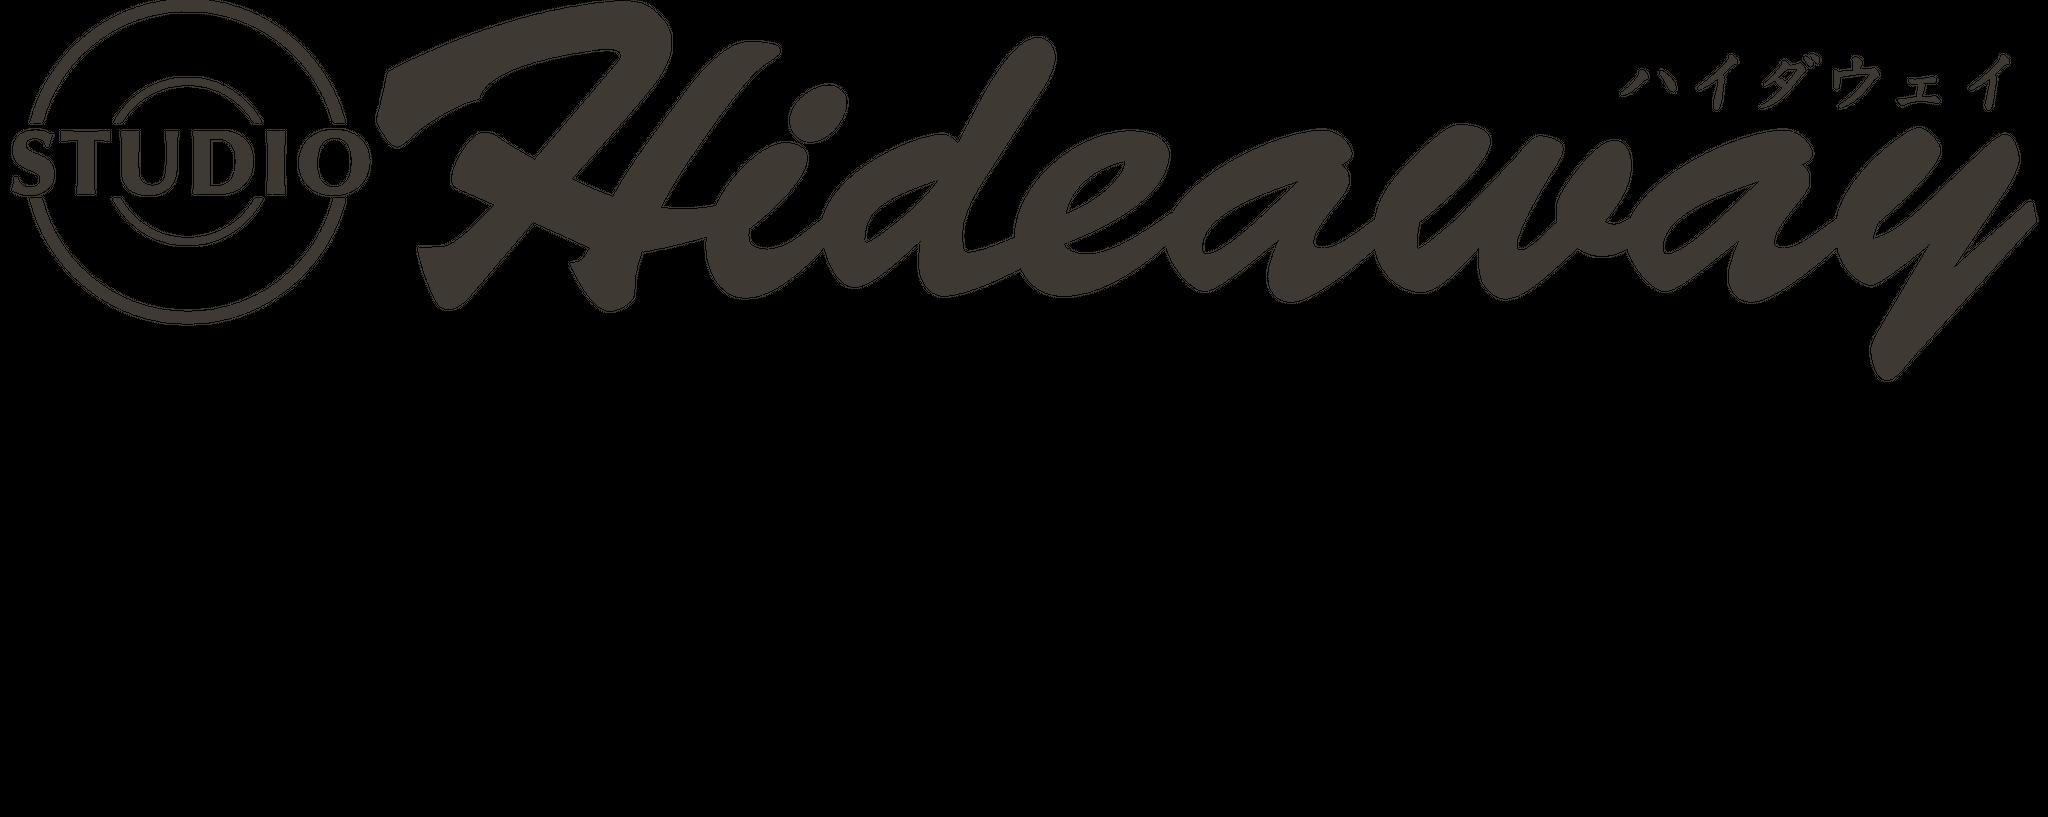 Studio Hideaway